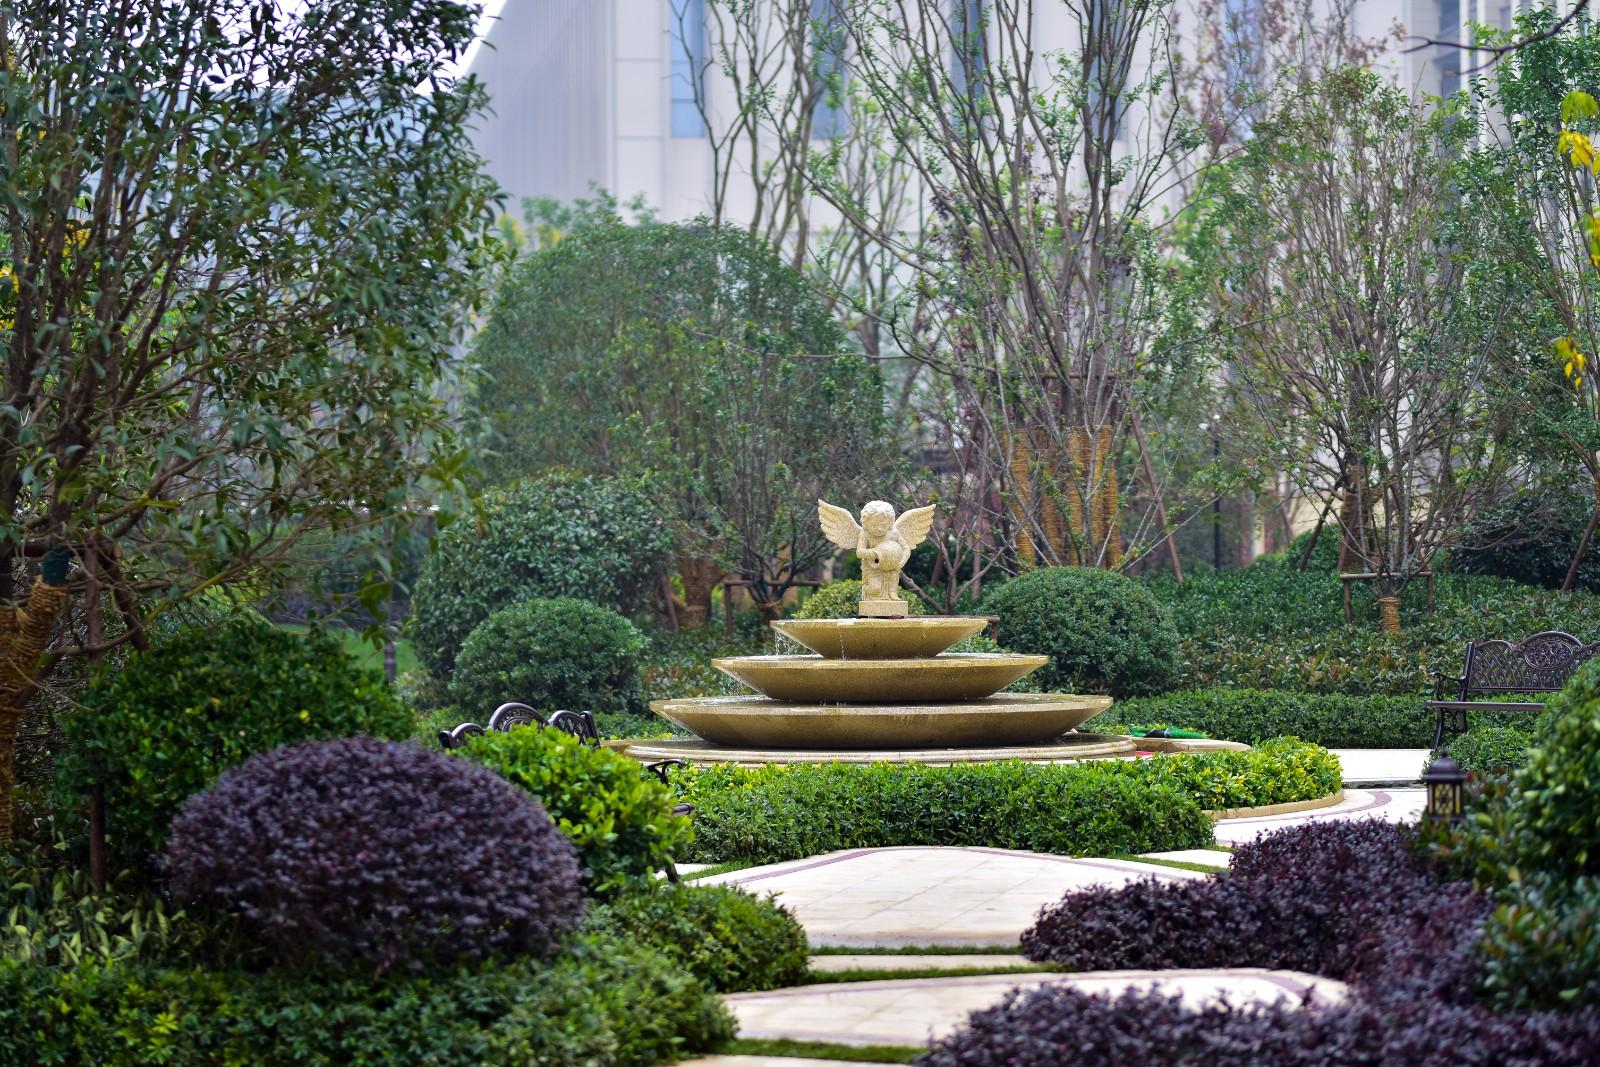 信达公园里——铸就理想丰碑-中国网地产